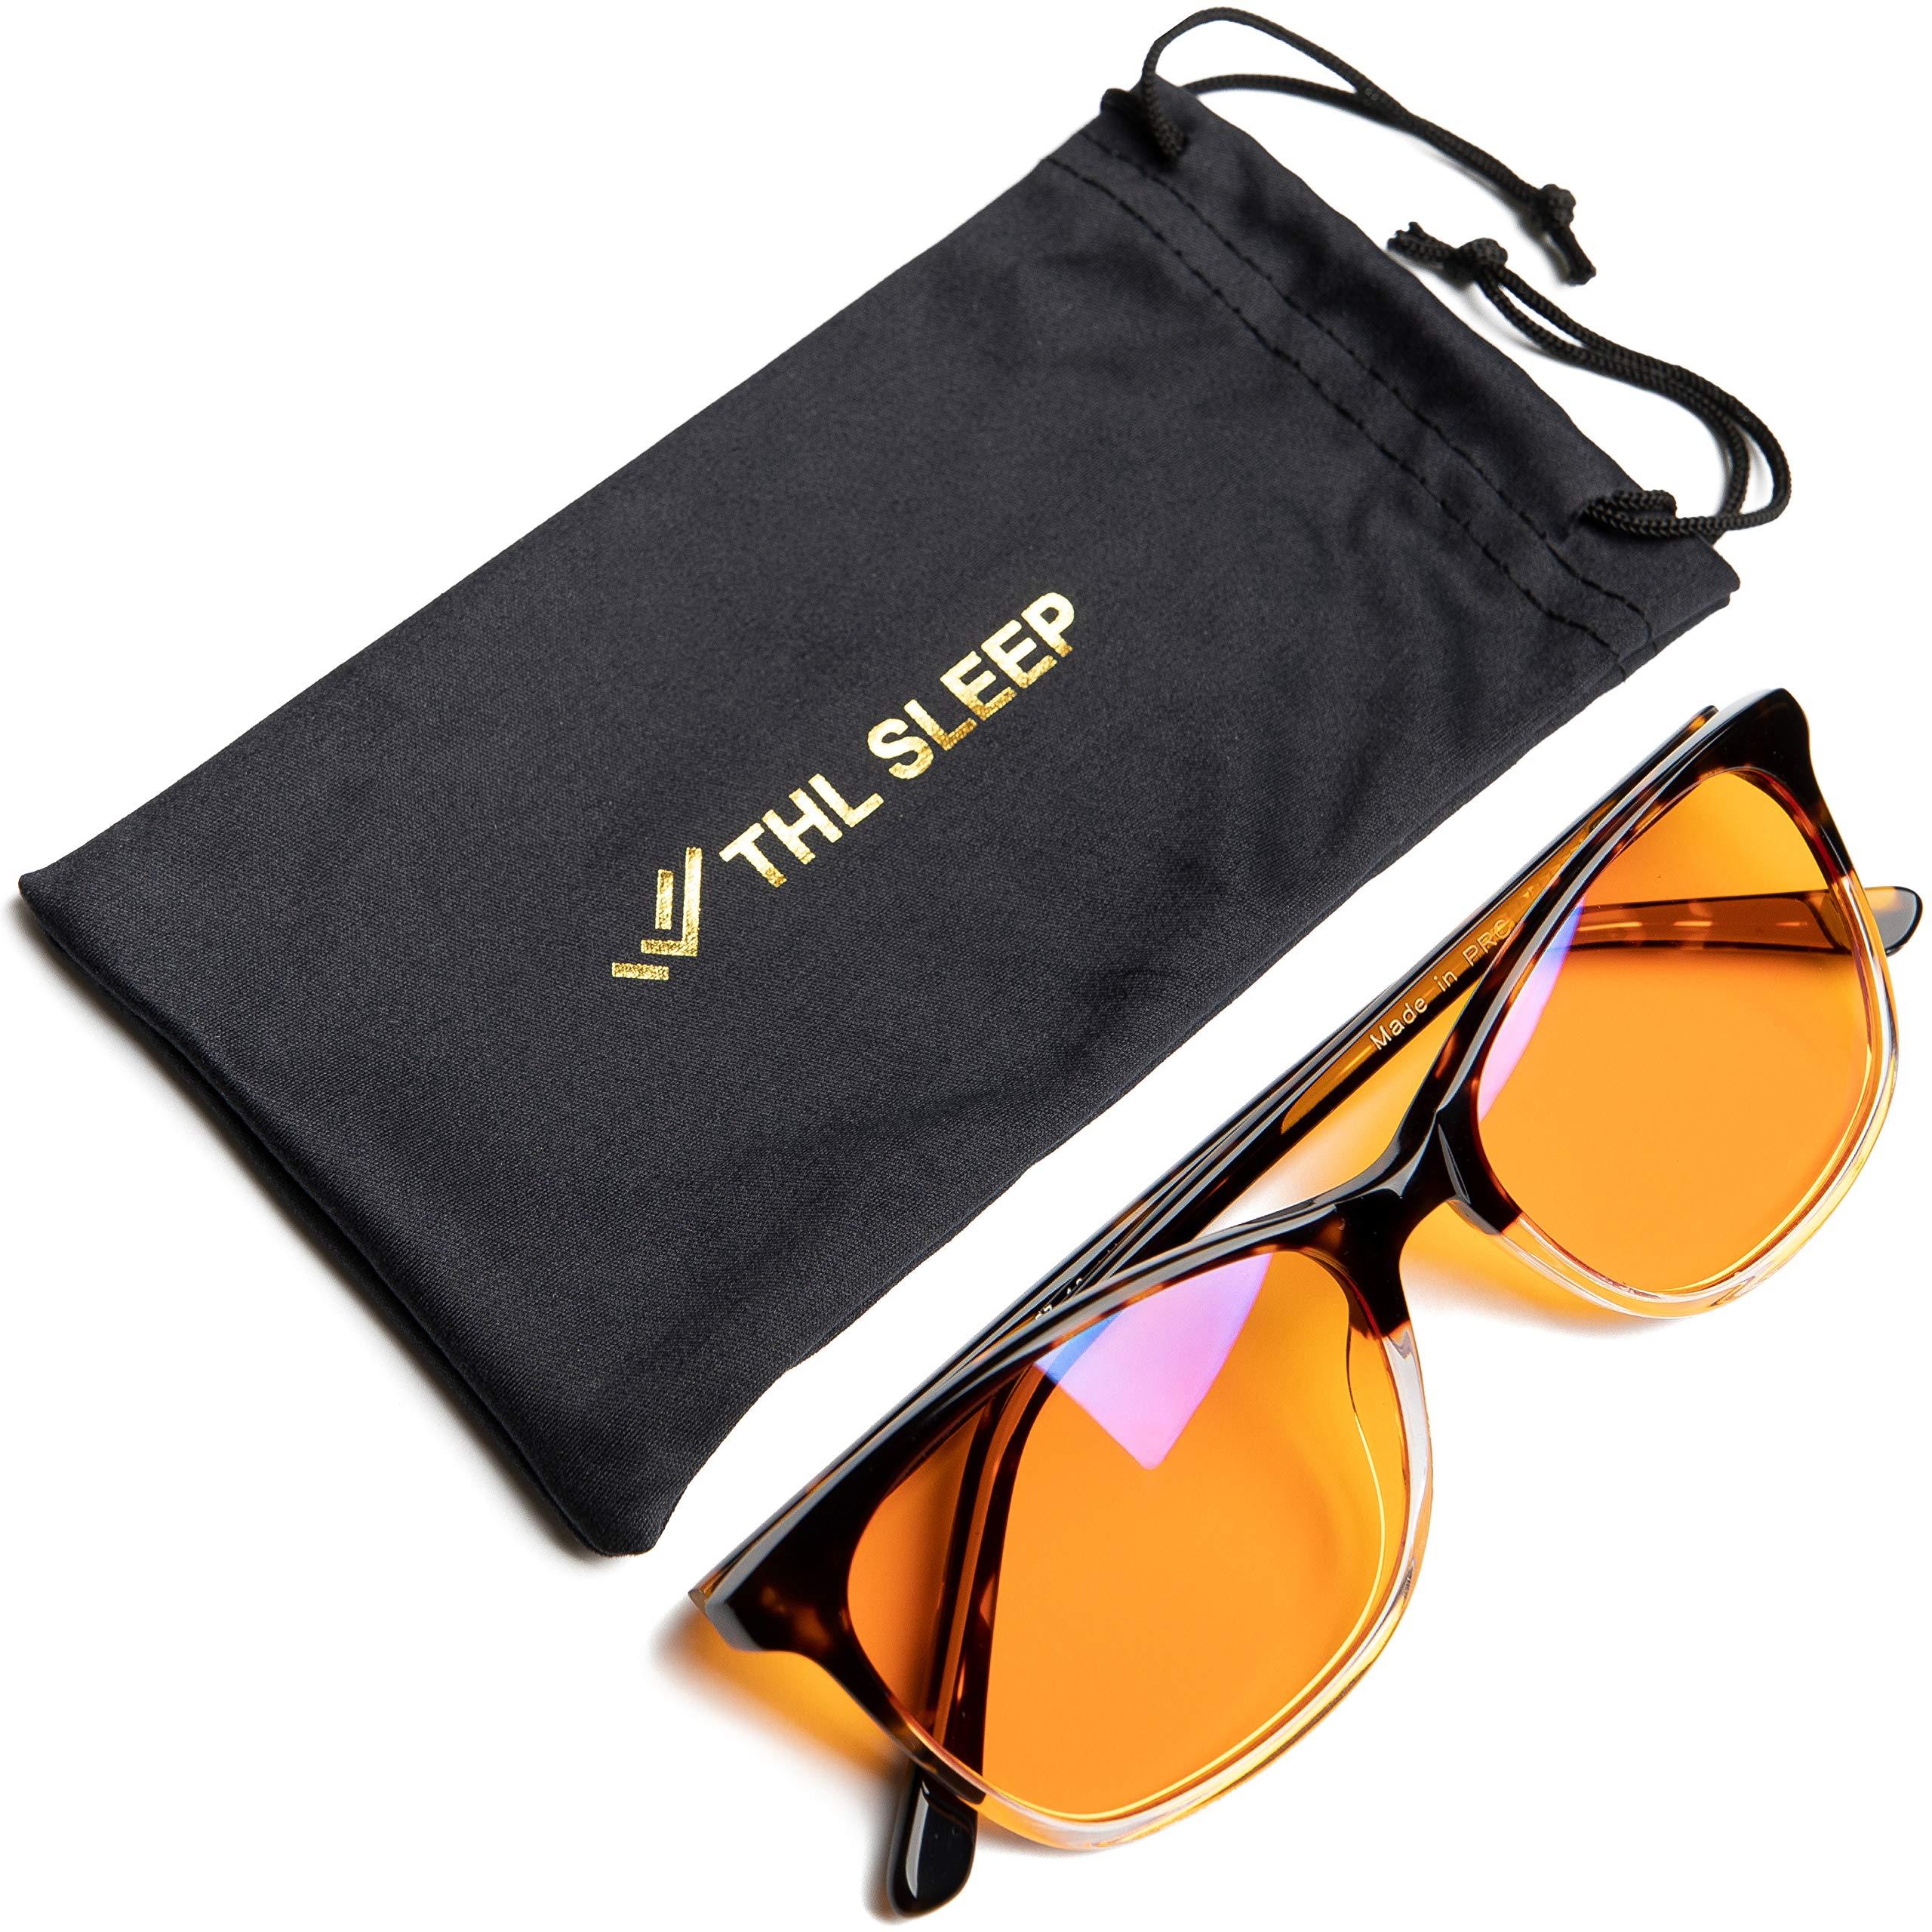 the HEALTH LISTS THL Blue Light Blocking Glasses for Better Sleep - Amber Orange Computer Filter Anti Eye Strain - Round Cat Eye Frame (Tortoise Fade) Regular